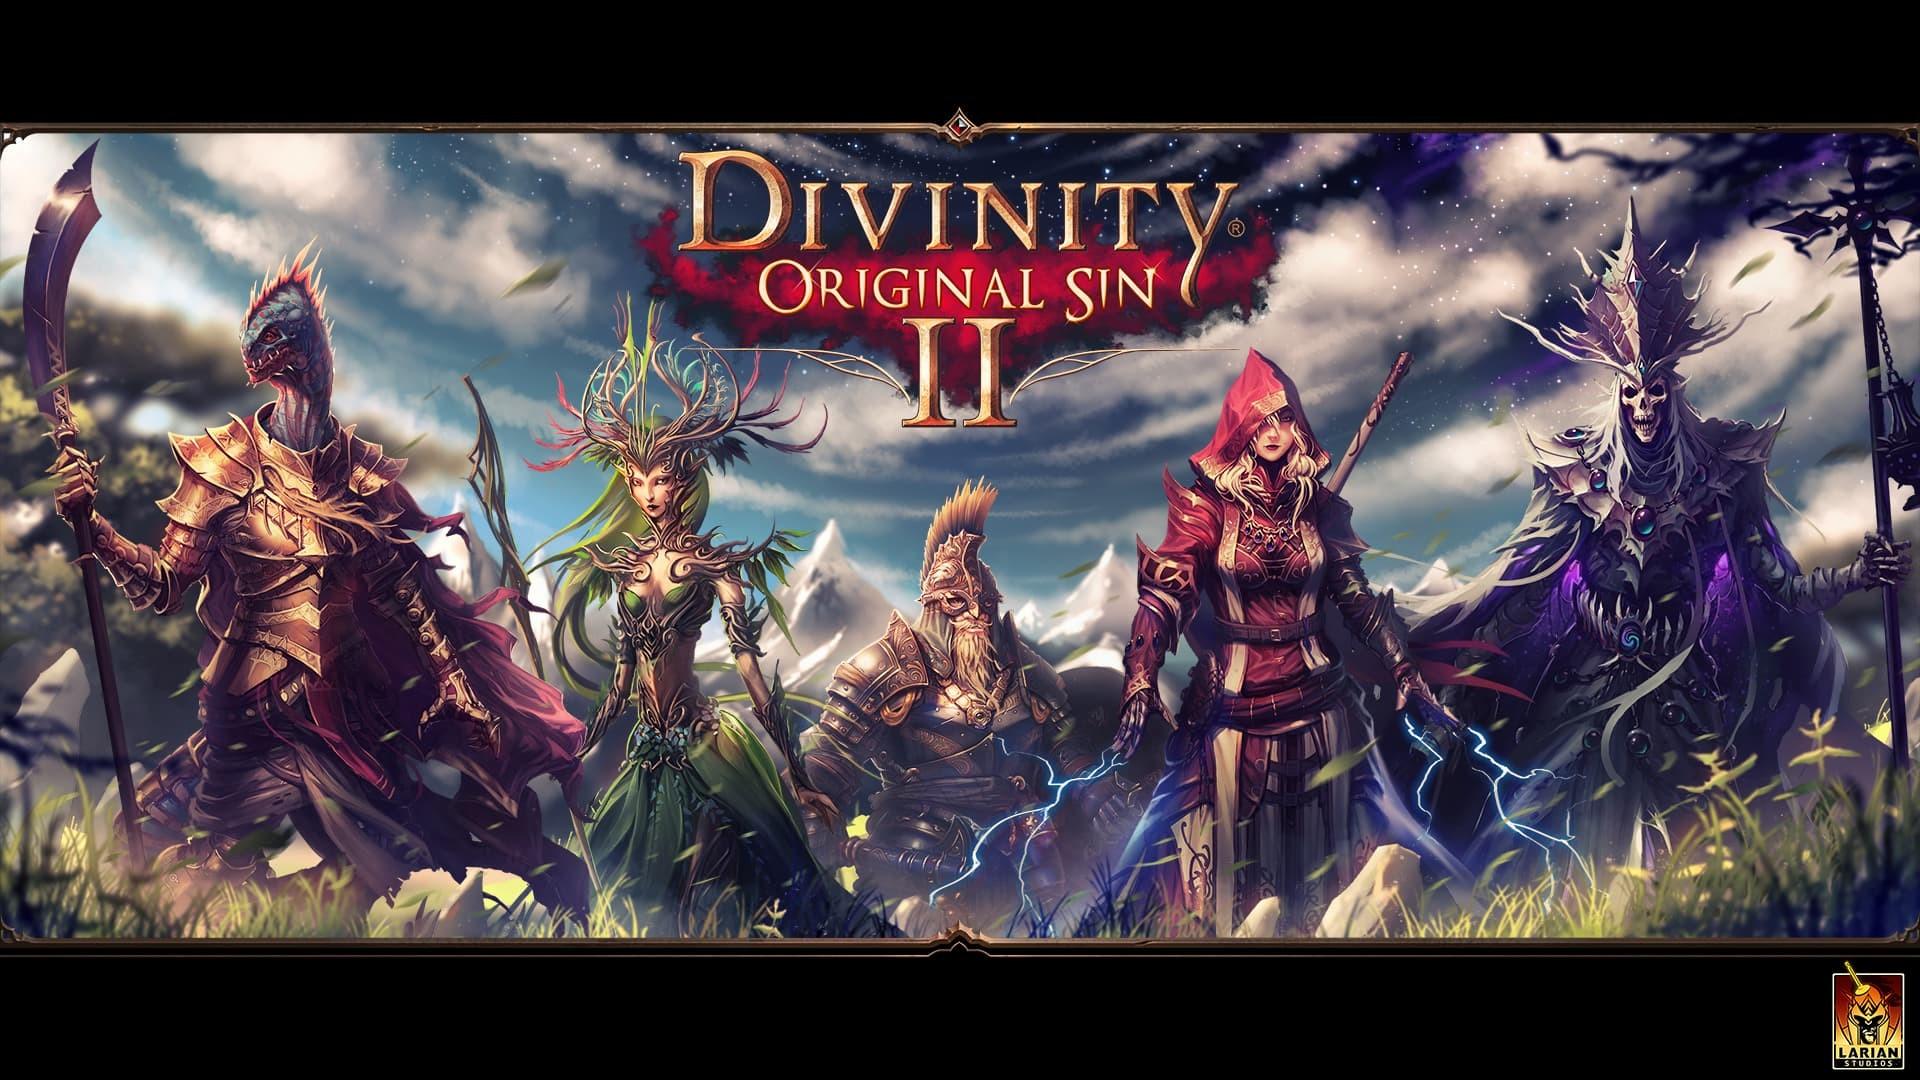 Divinity Original Sin Ii Wallpapers ·① WallpaperTag